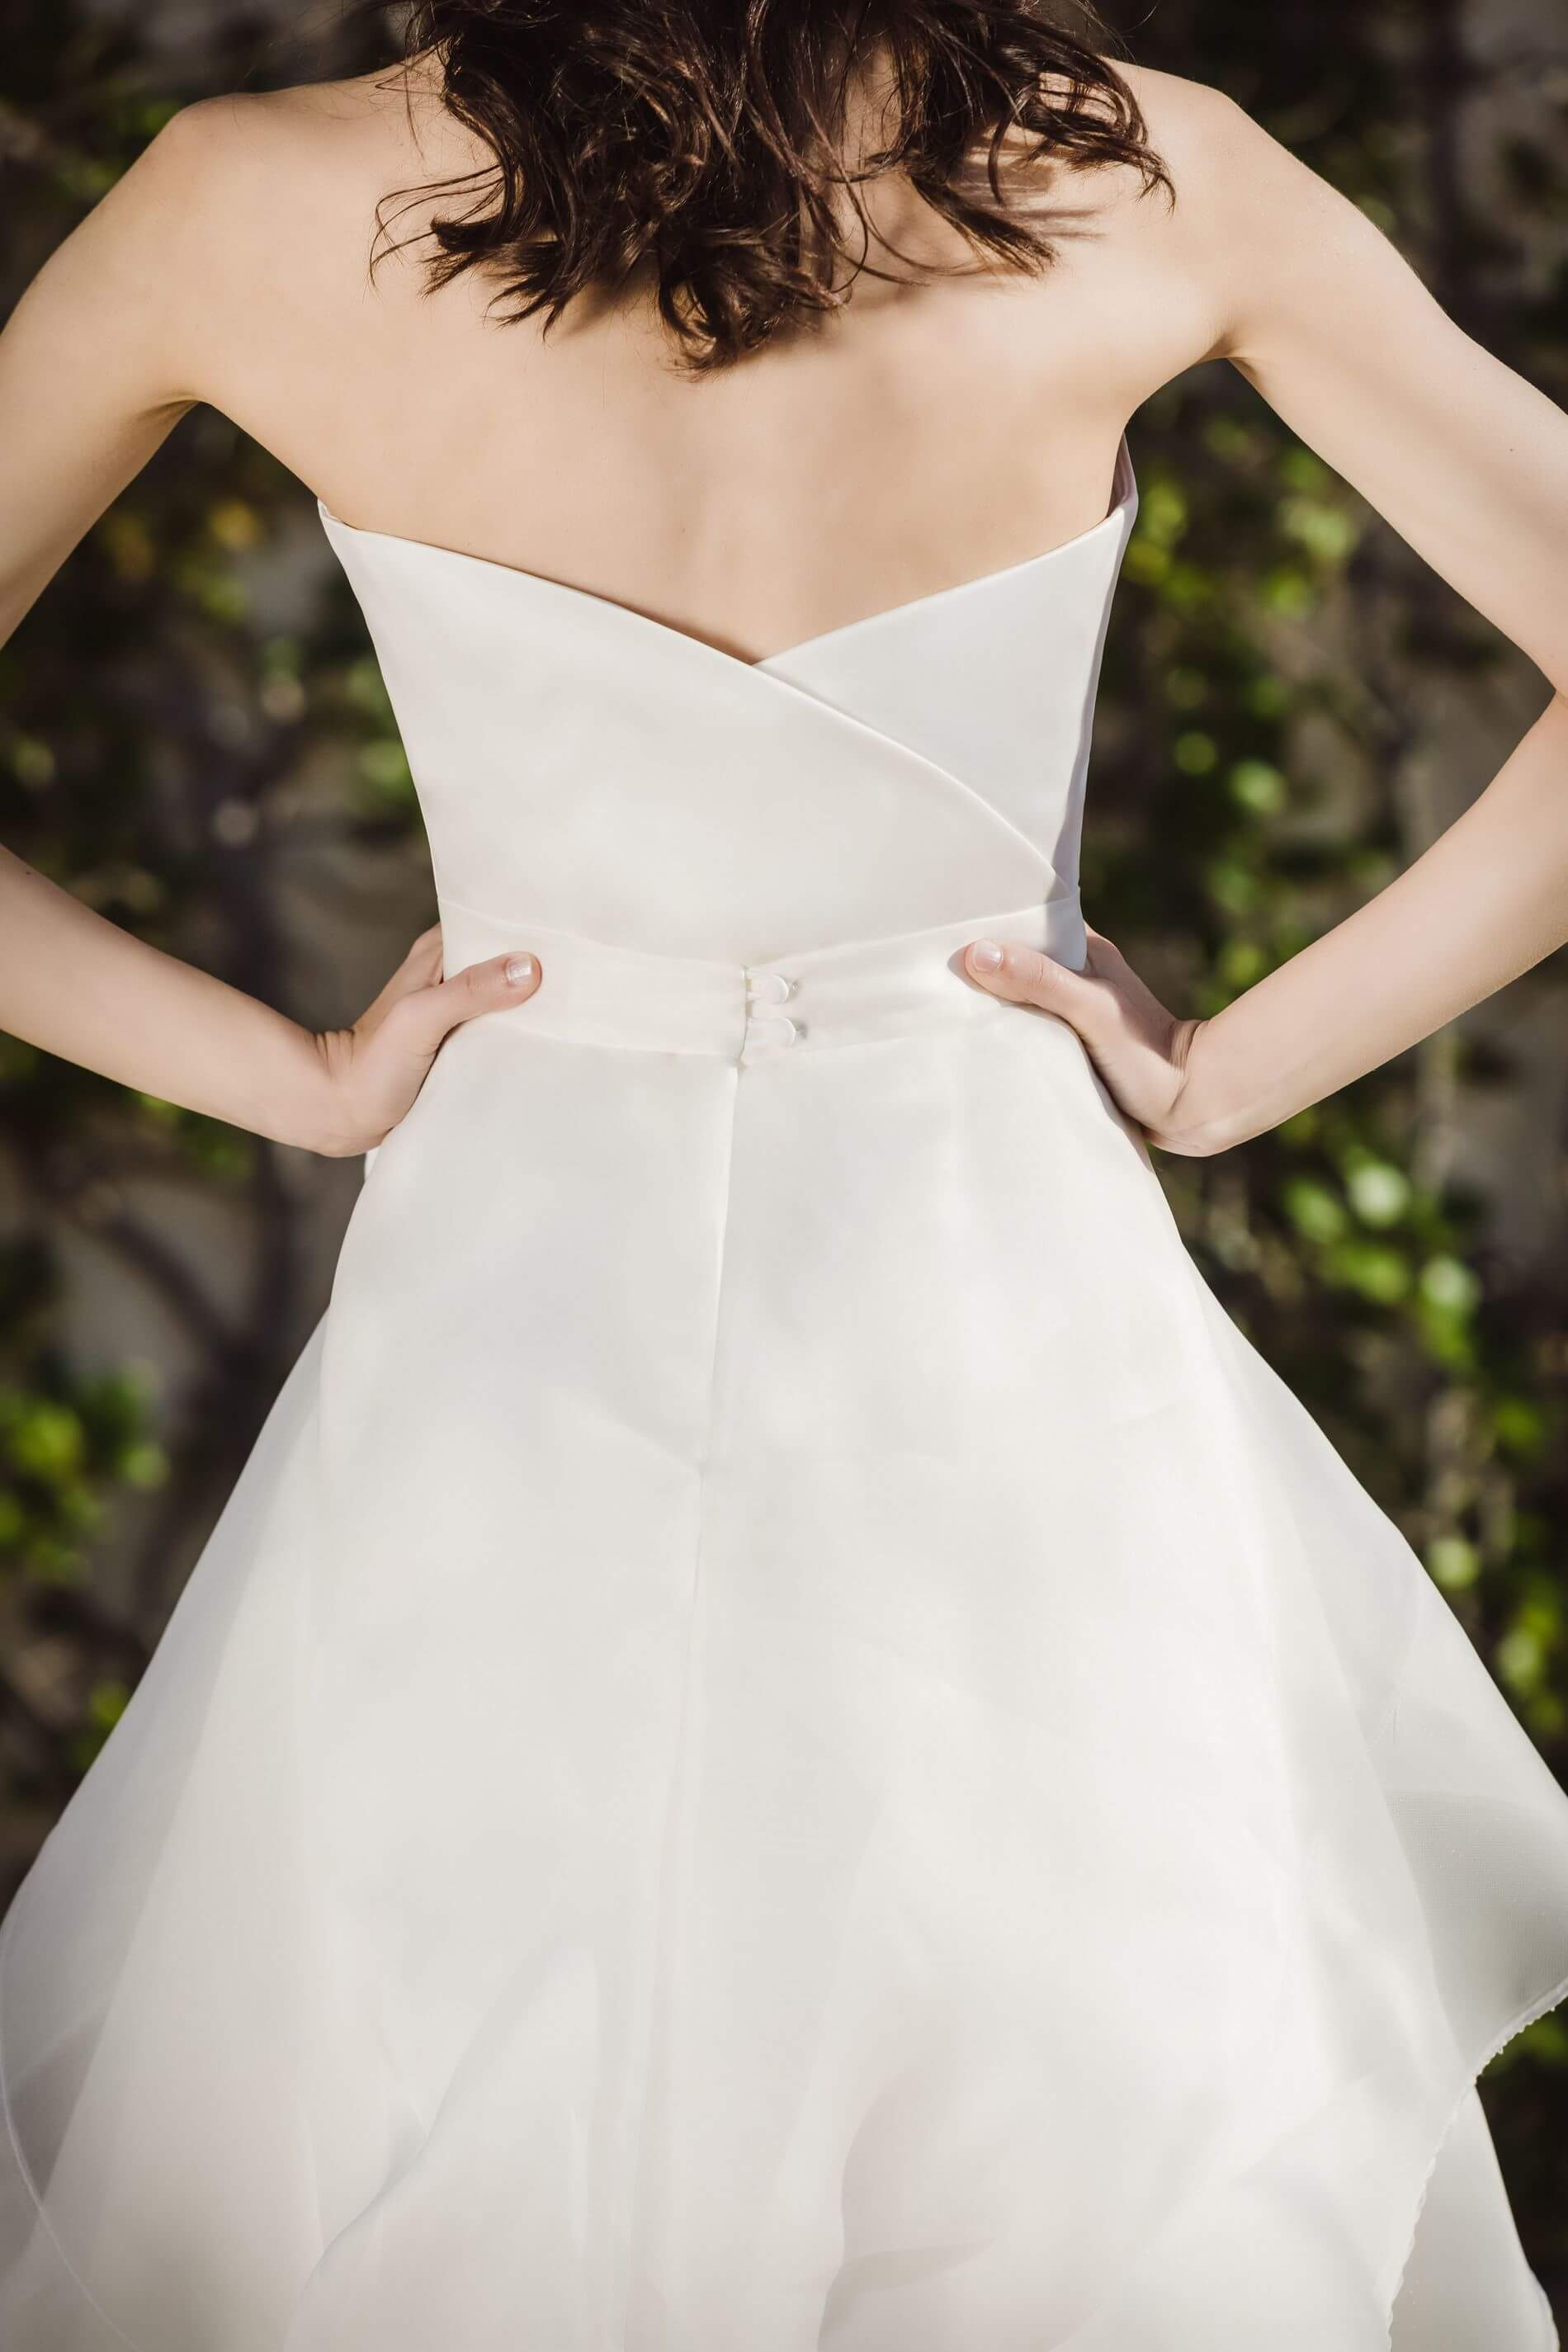 Sibilla 4 - Zea Couture - Abiti da Sposa